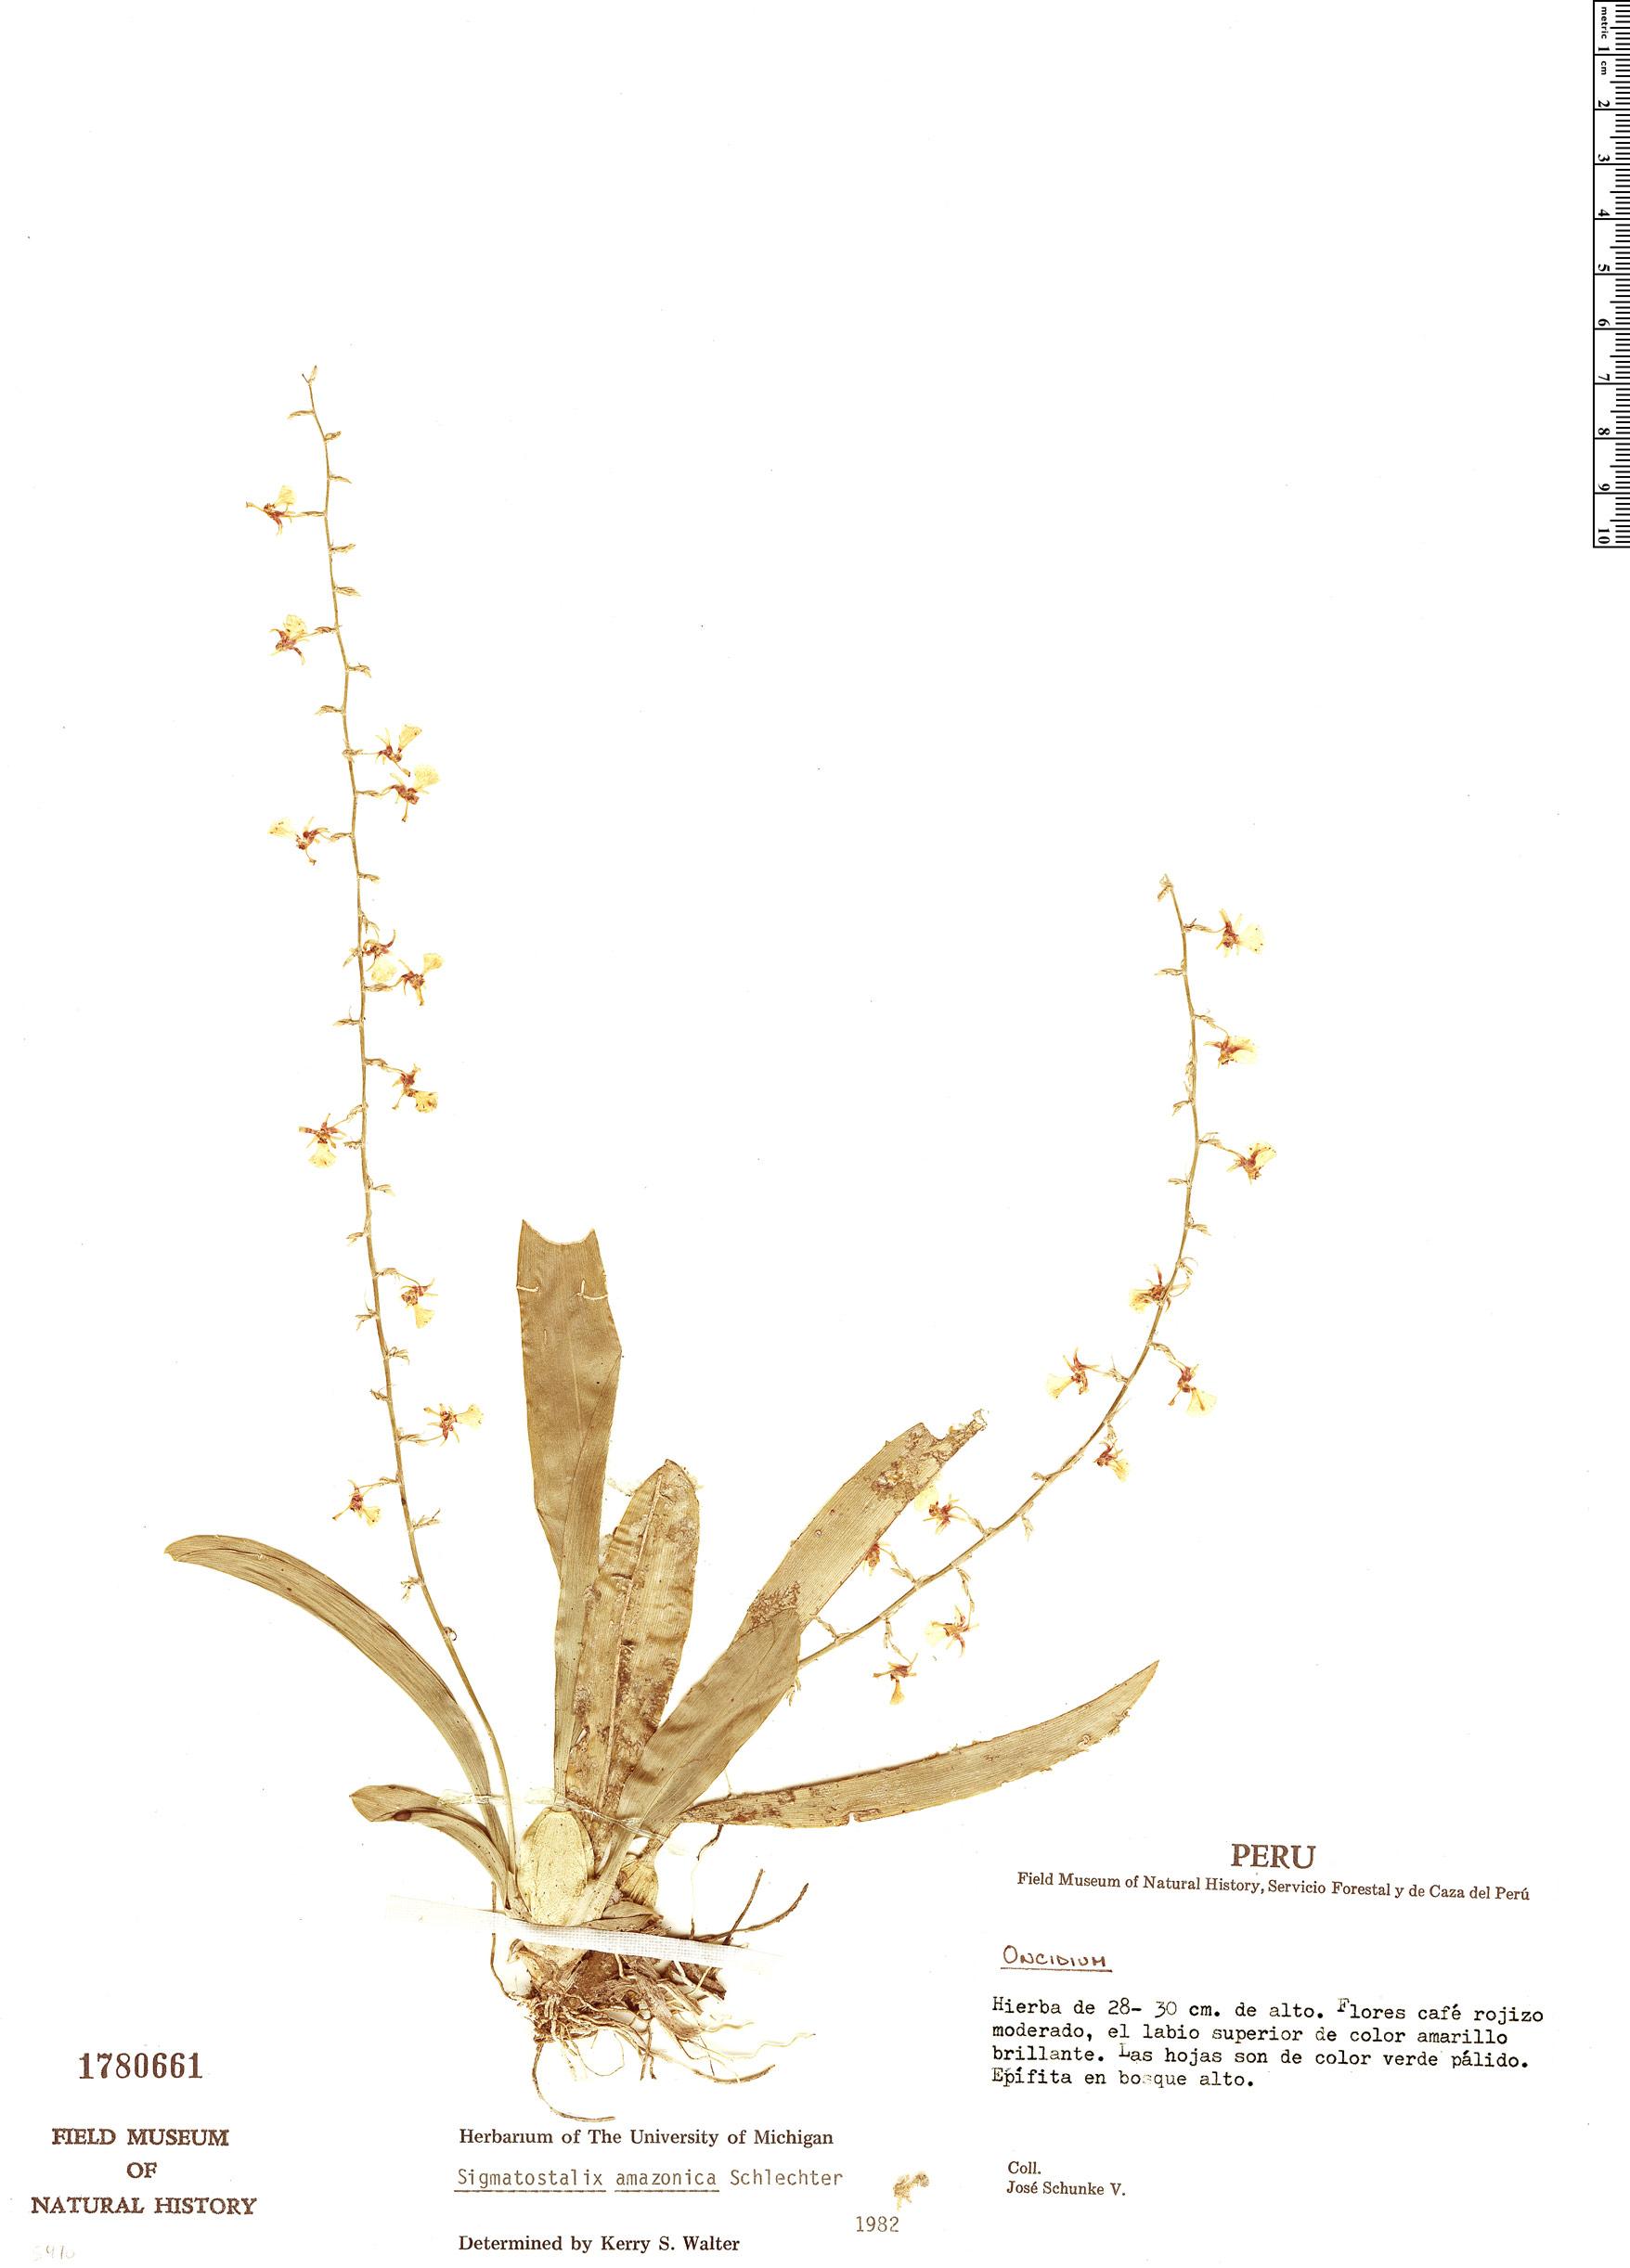 Specimen: Sigmatostalix amazonica